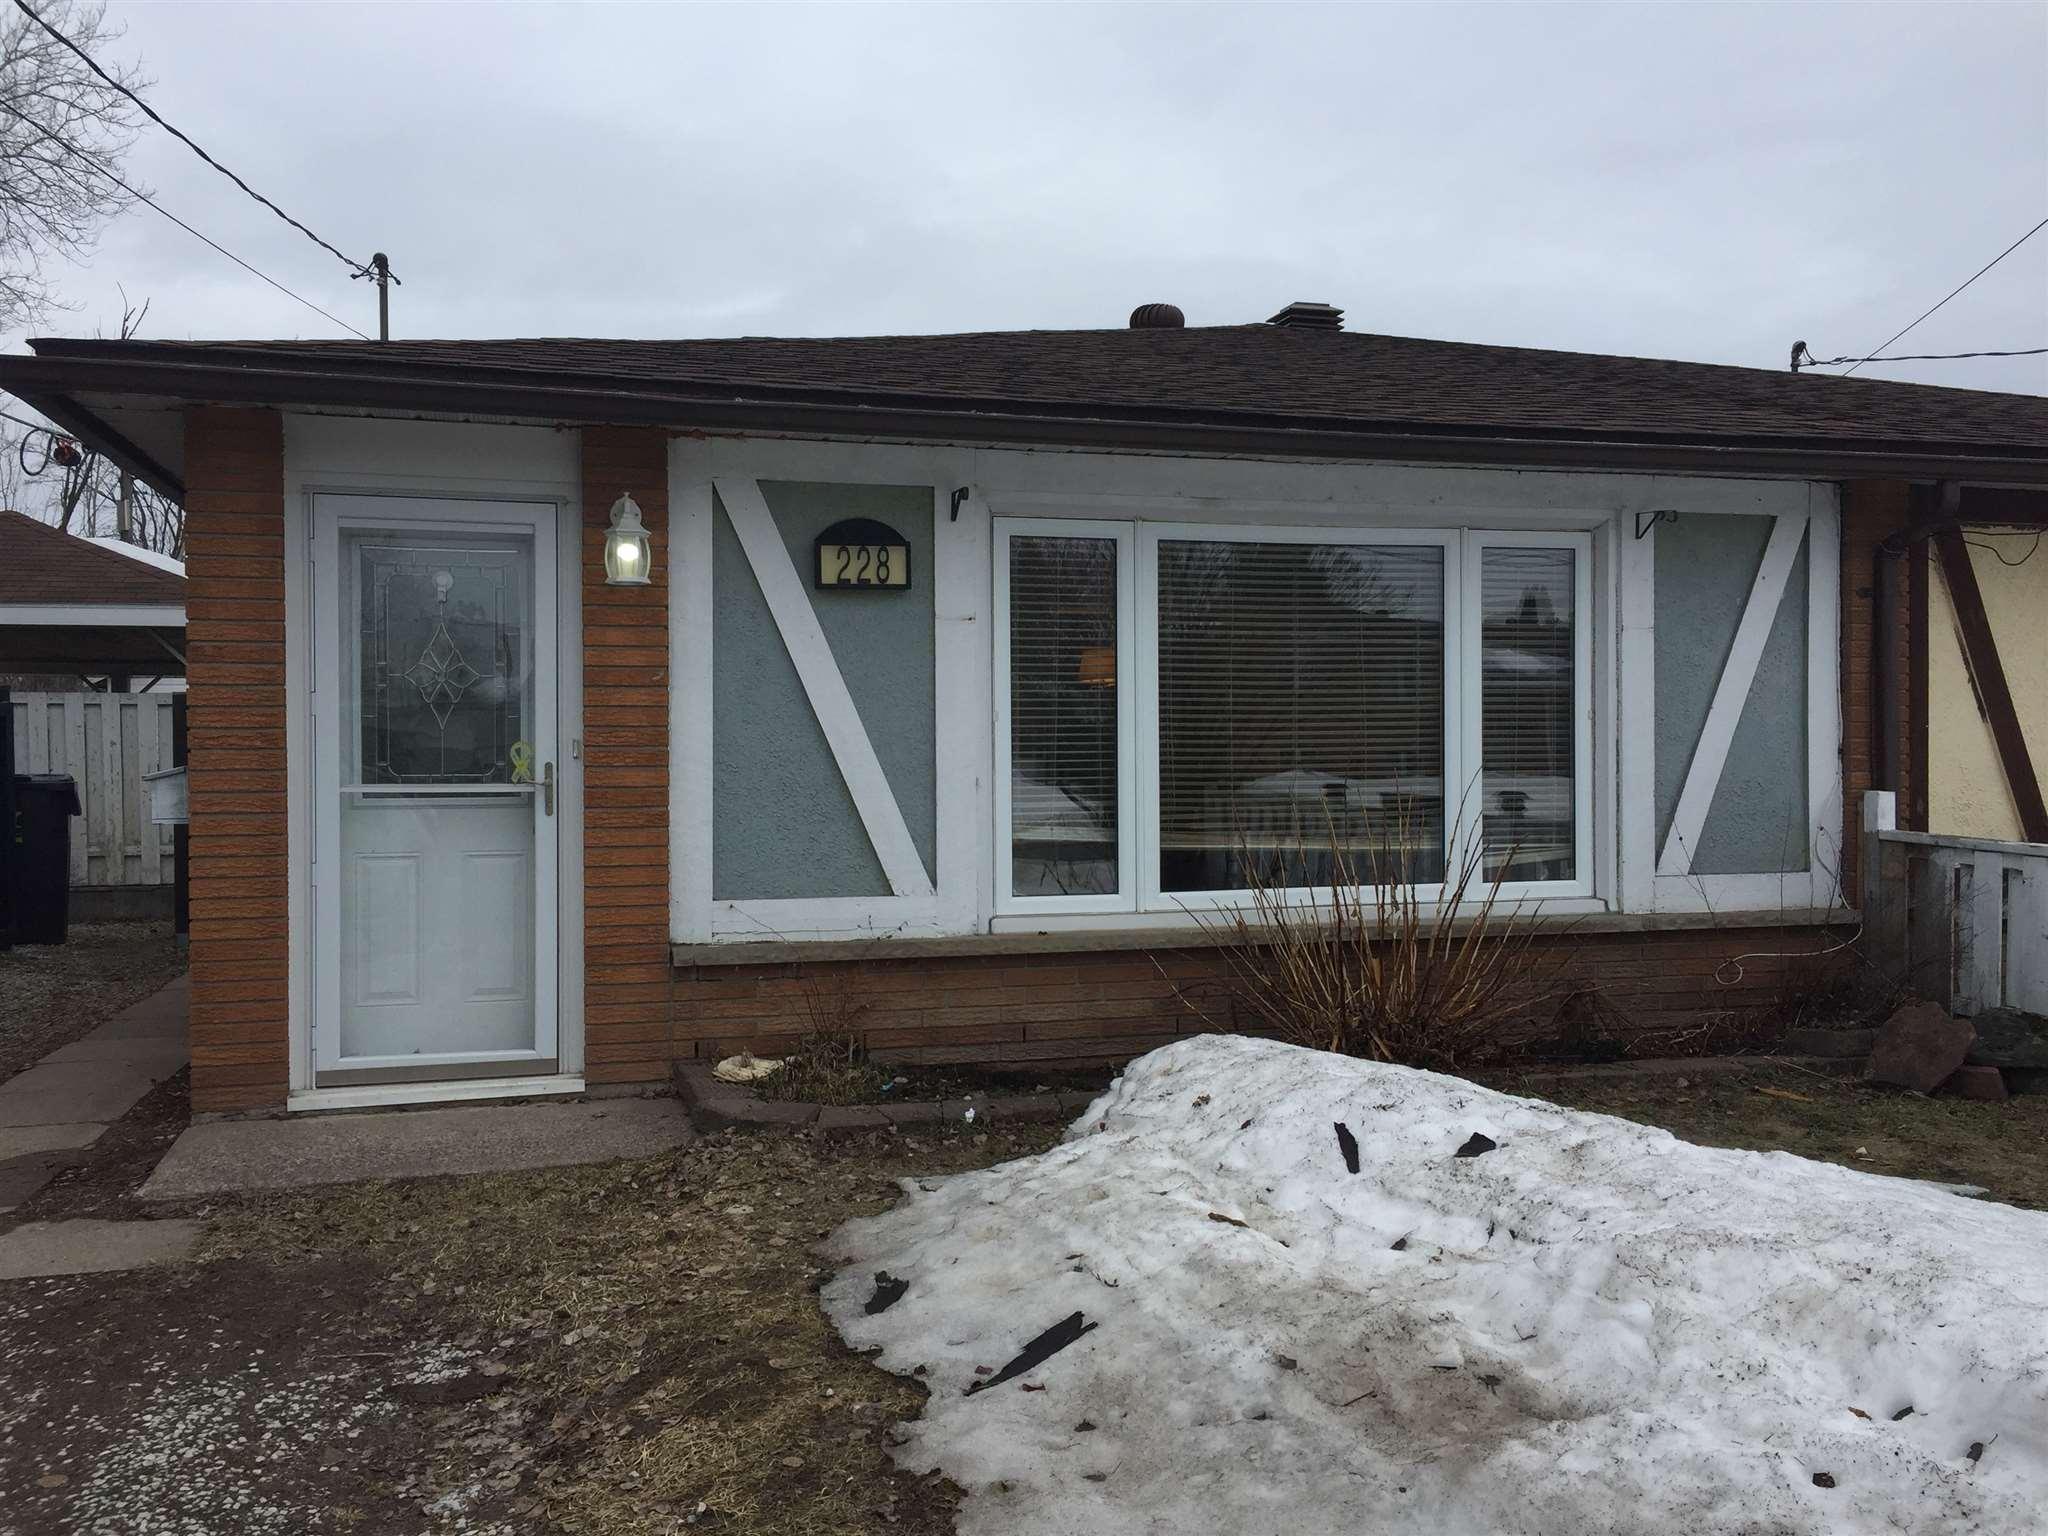 228 Sydenham Road, Sault Ste. Marie Ontario, Canada